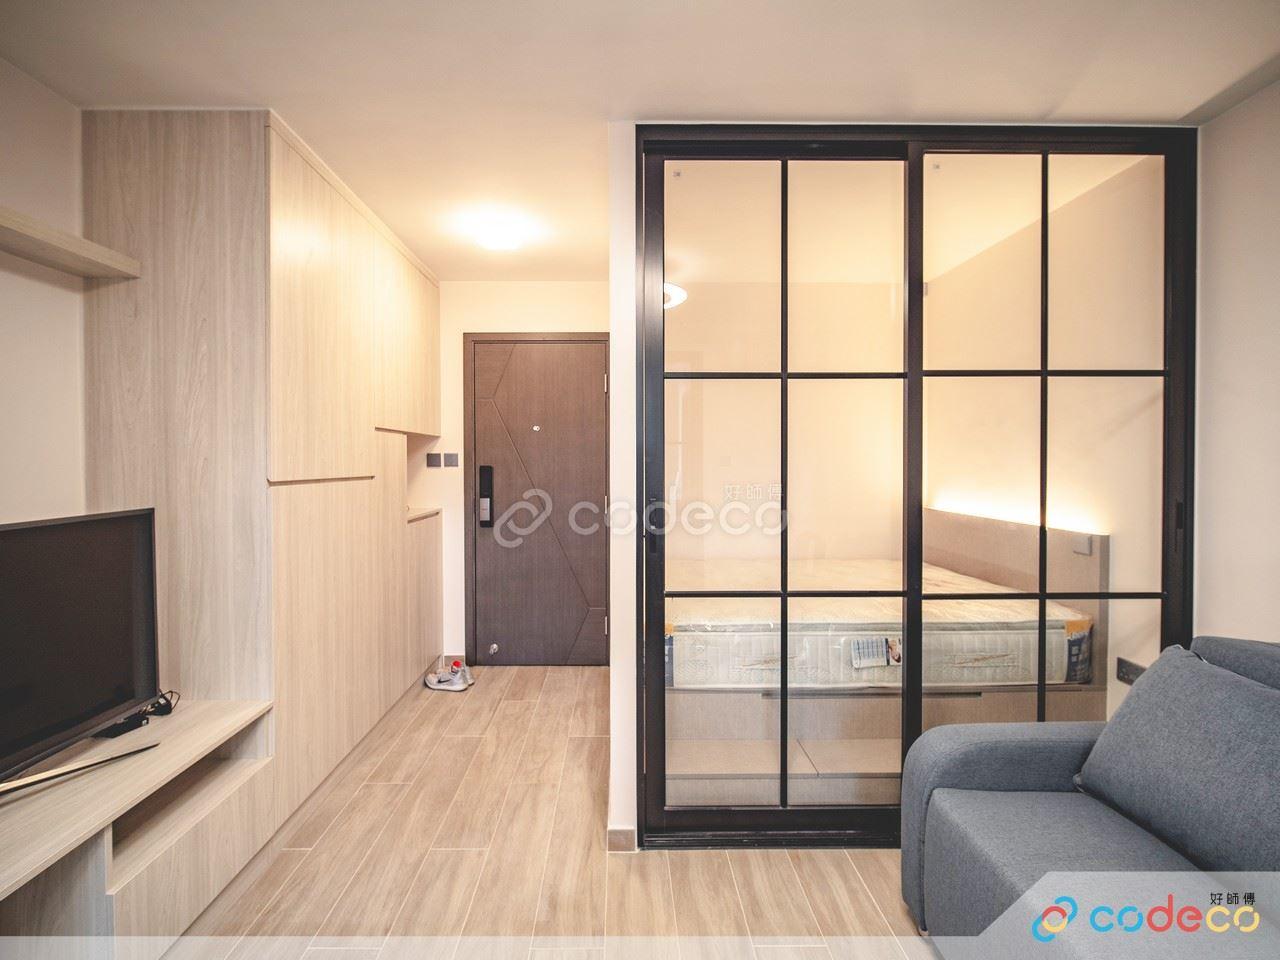 新造牆身 廳間房設計案例